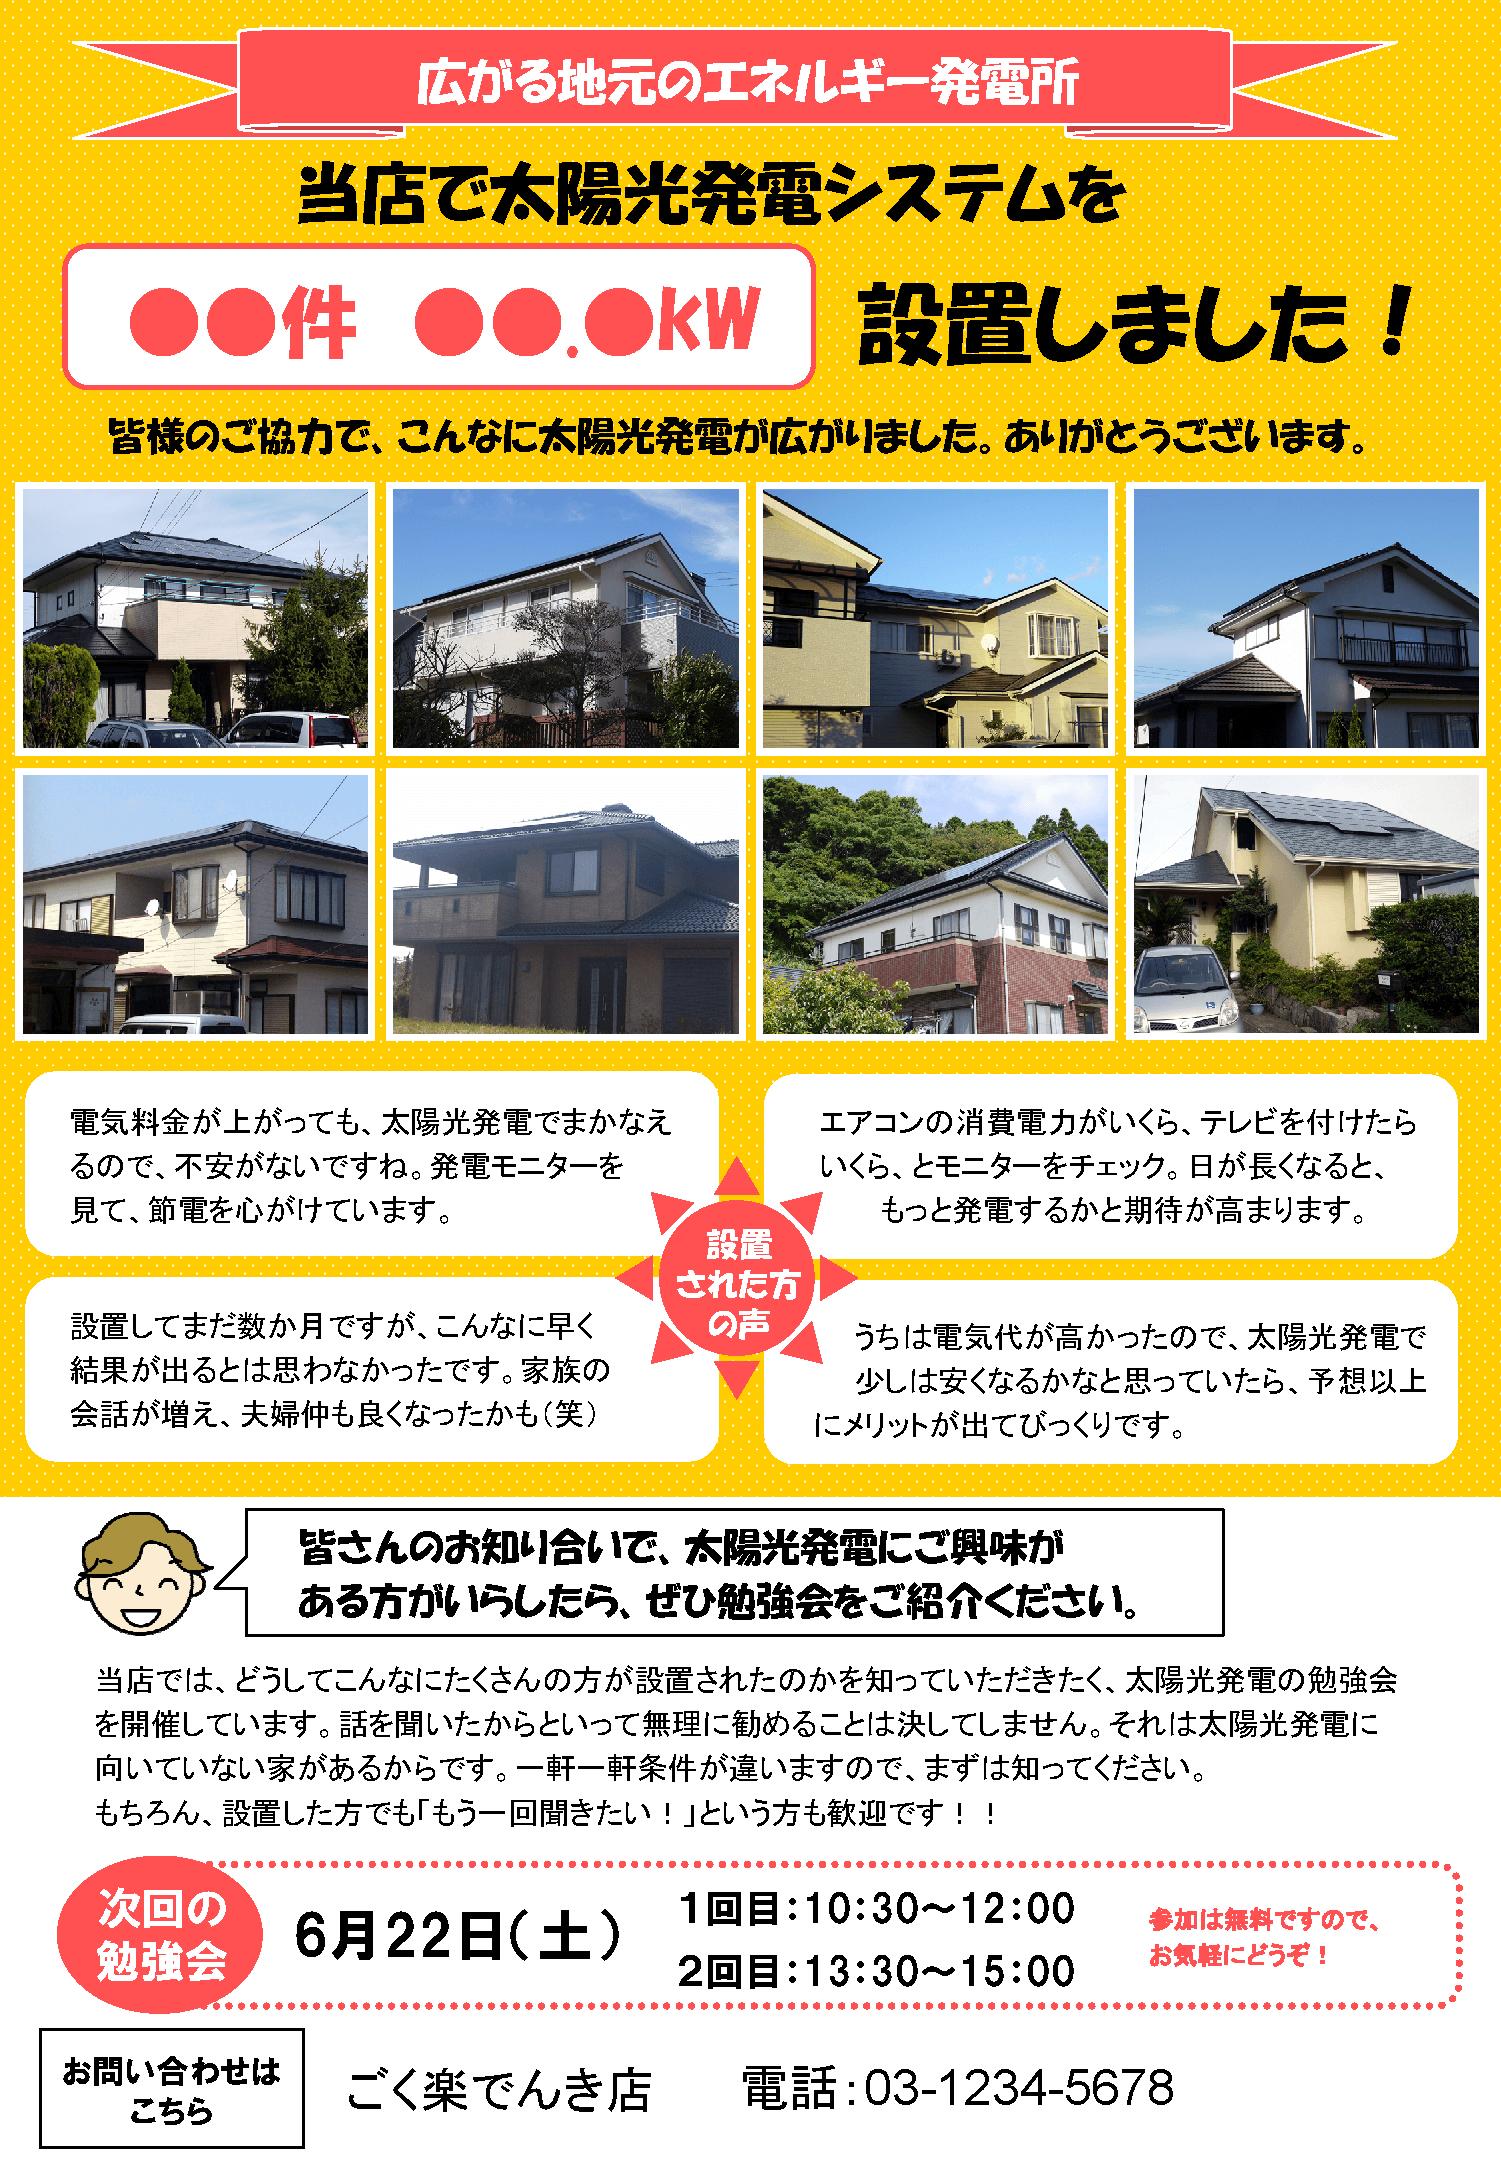 太陽光発電・エネルギー関連【14枚のチラシ】